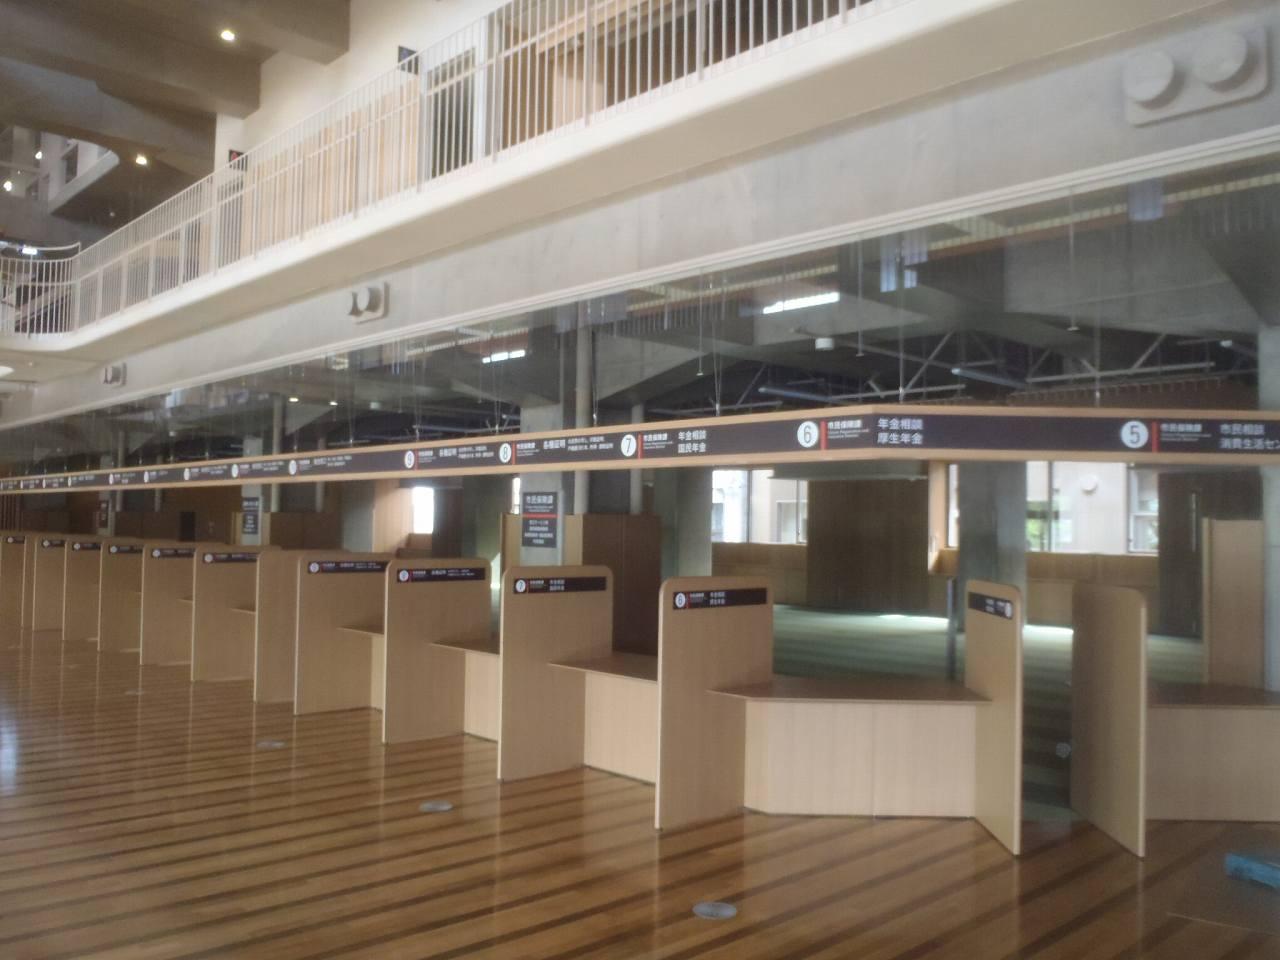 庁舎整備事業 新庁舎建設工事(電気設備工事)